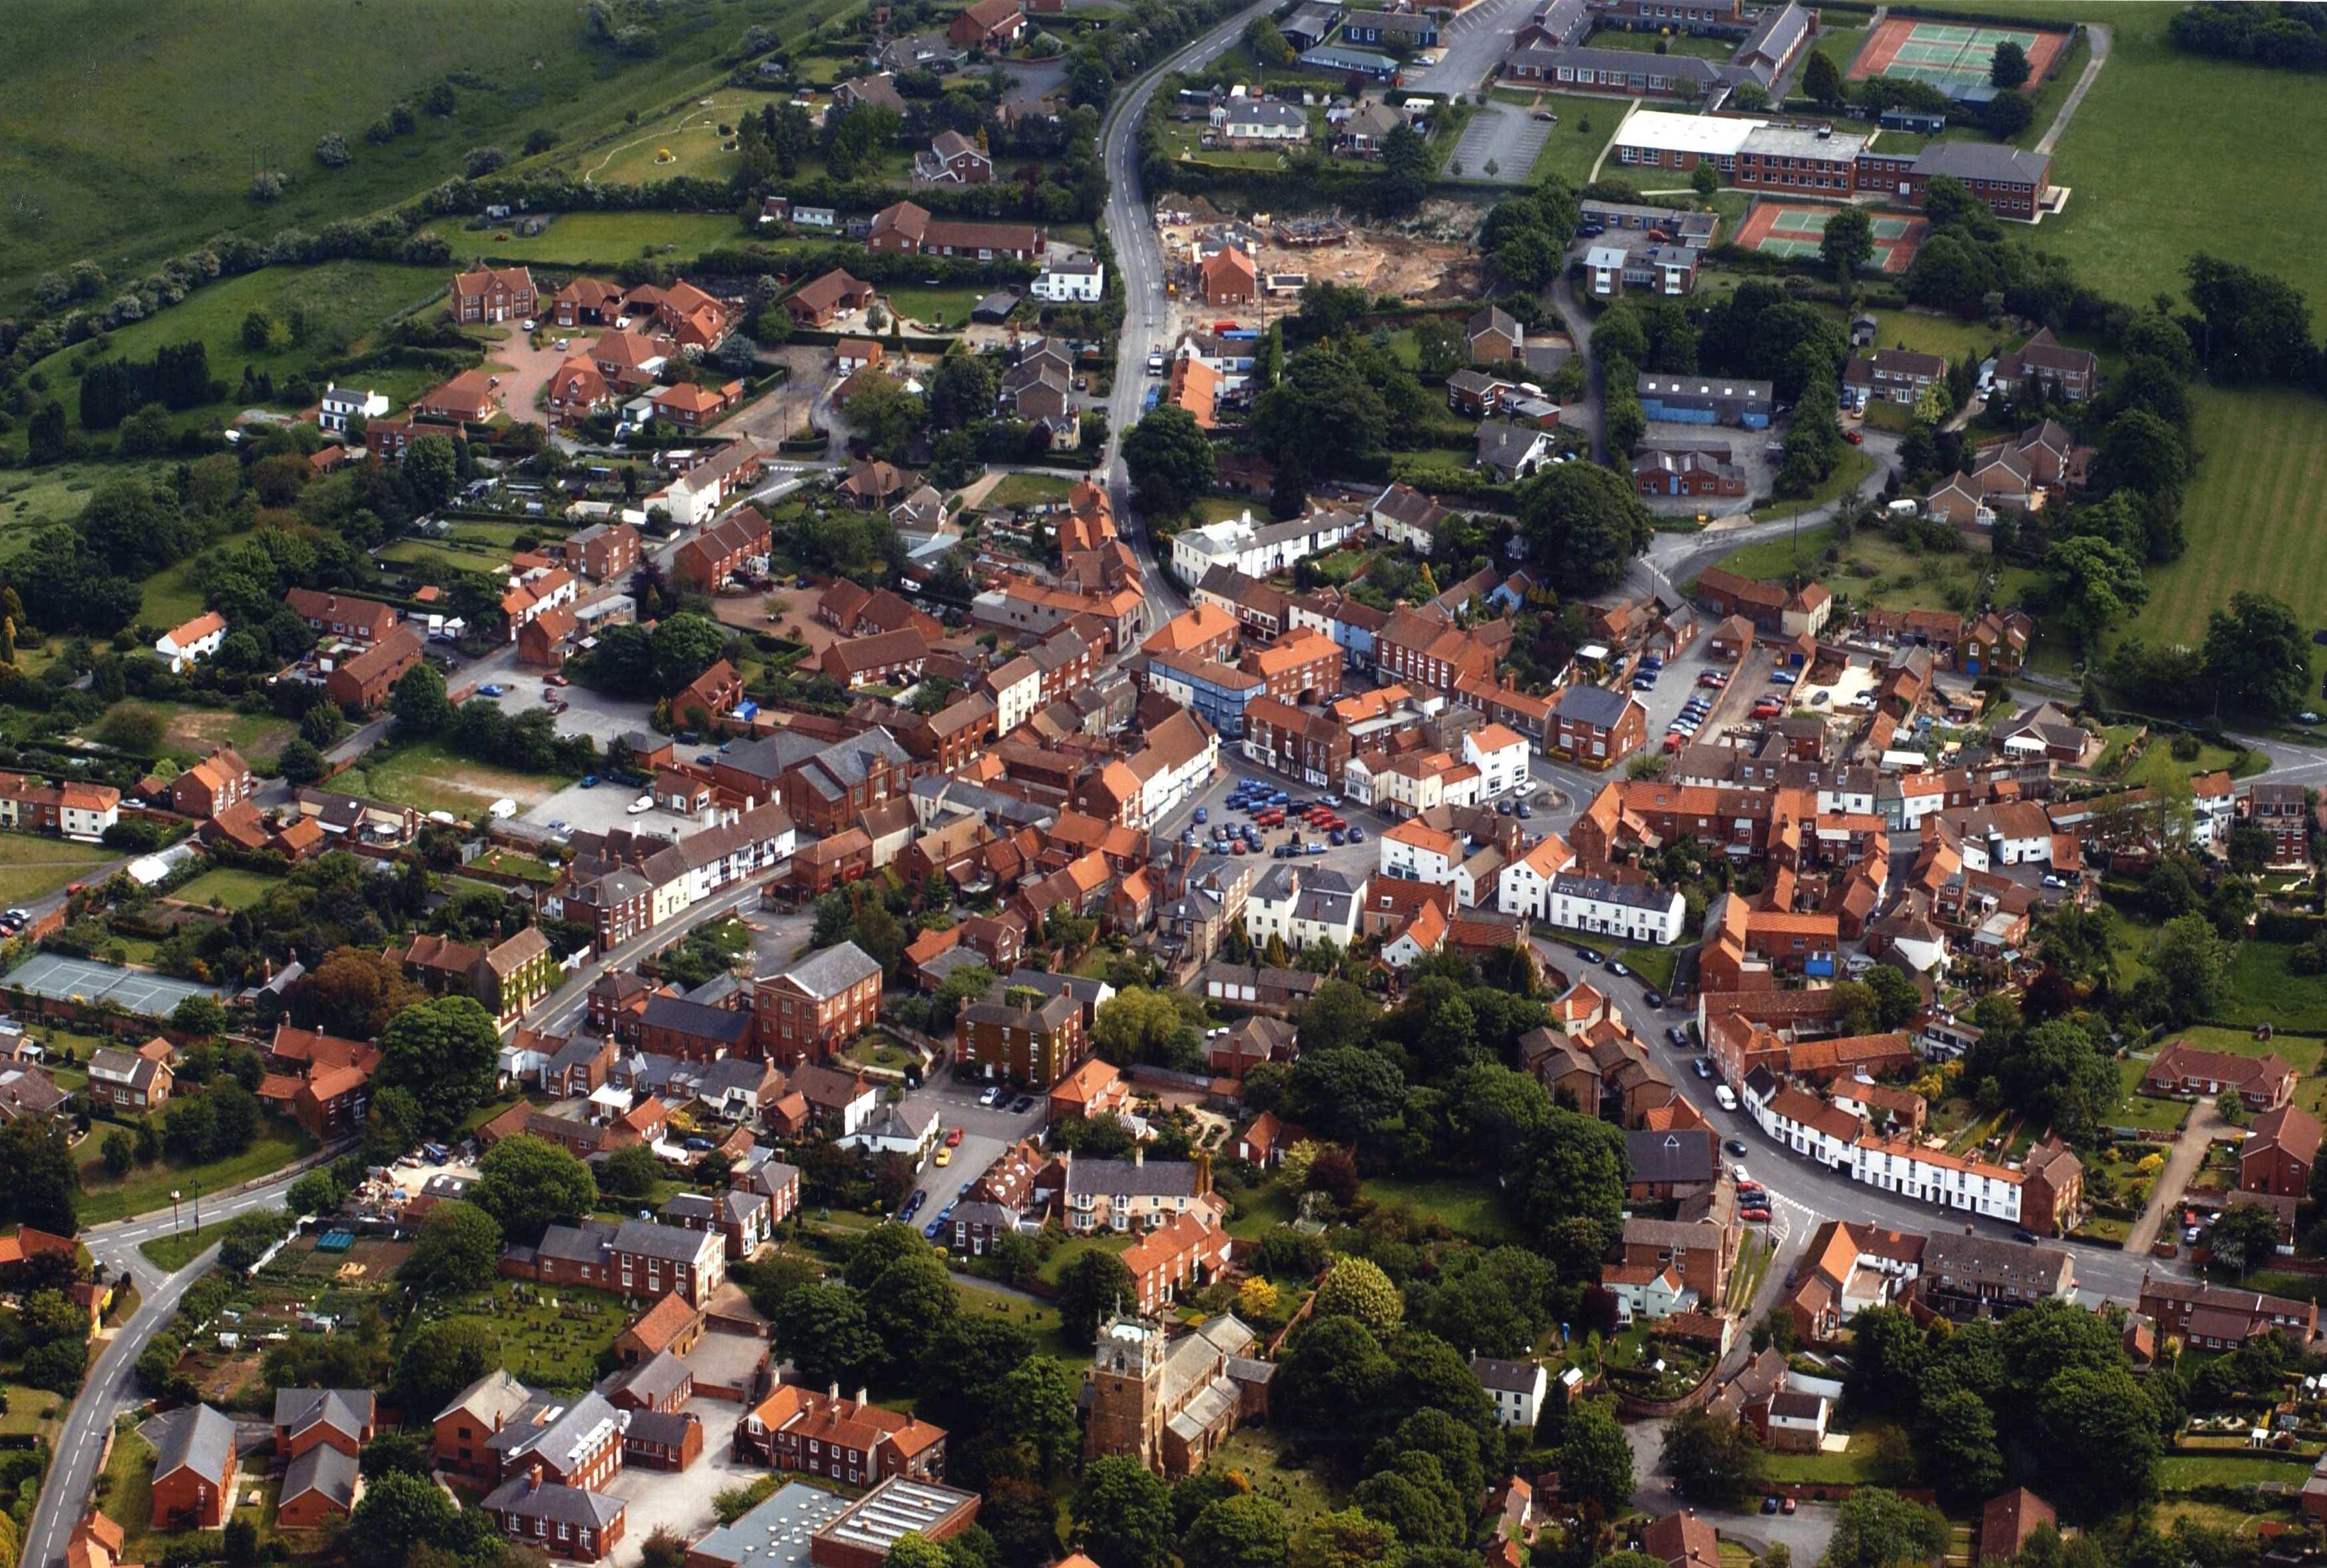 aerial view129.jpg